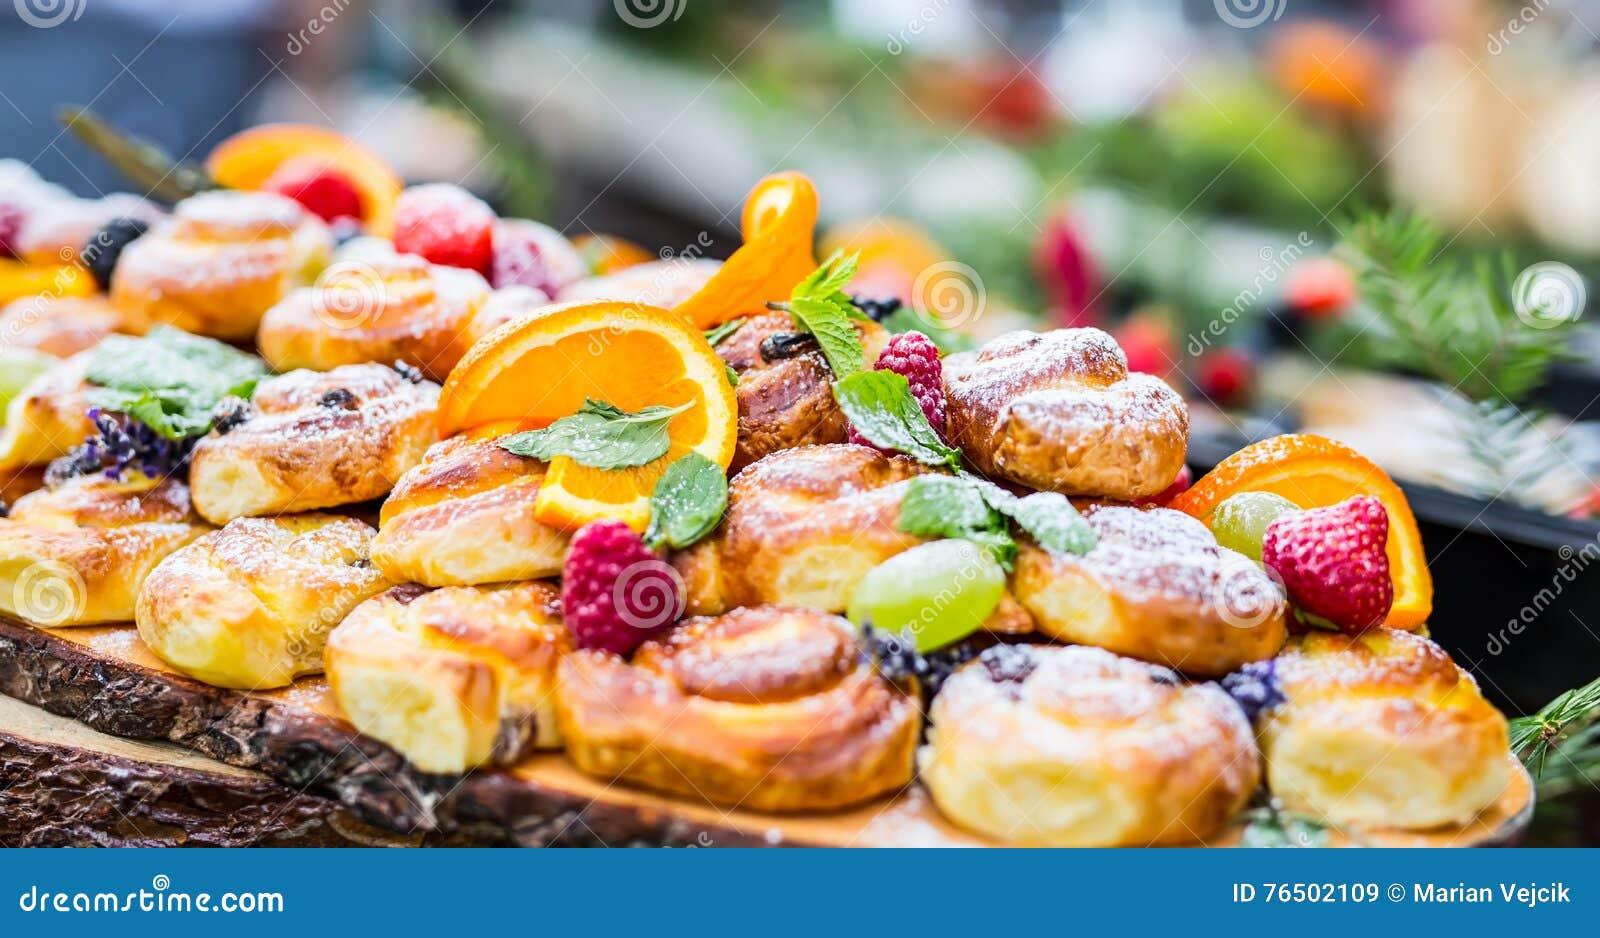 Buffet Di Dolci E Frutta : Buffet di frutta e dolci con relative agriturismo masserie